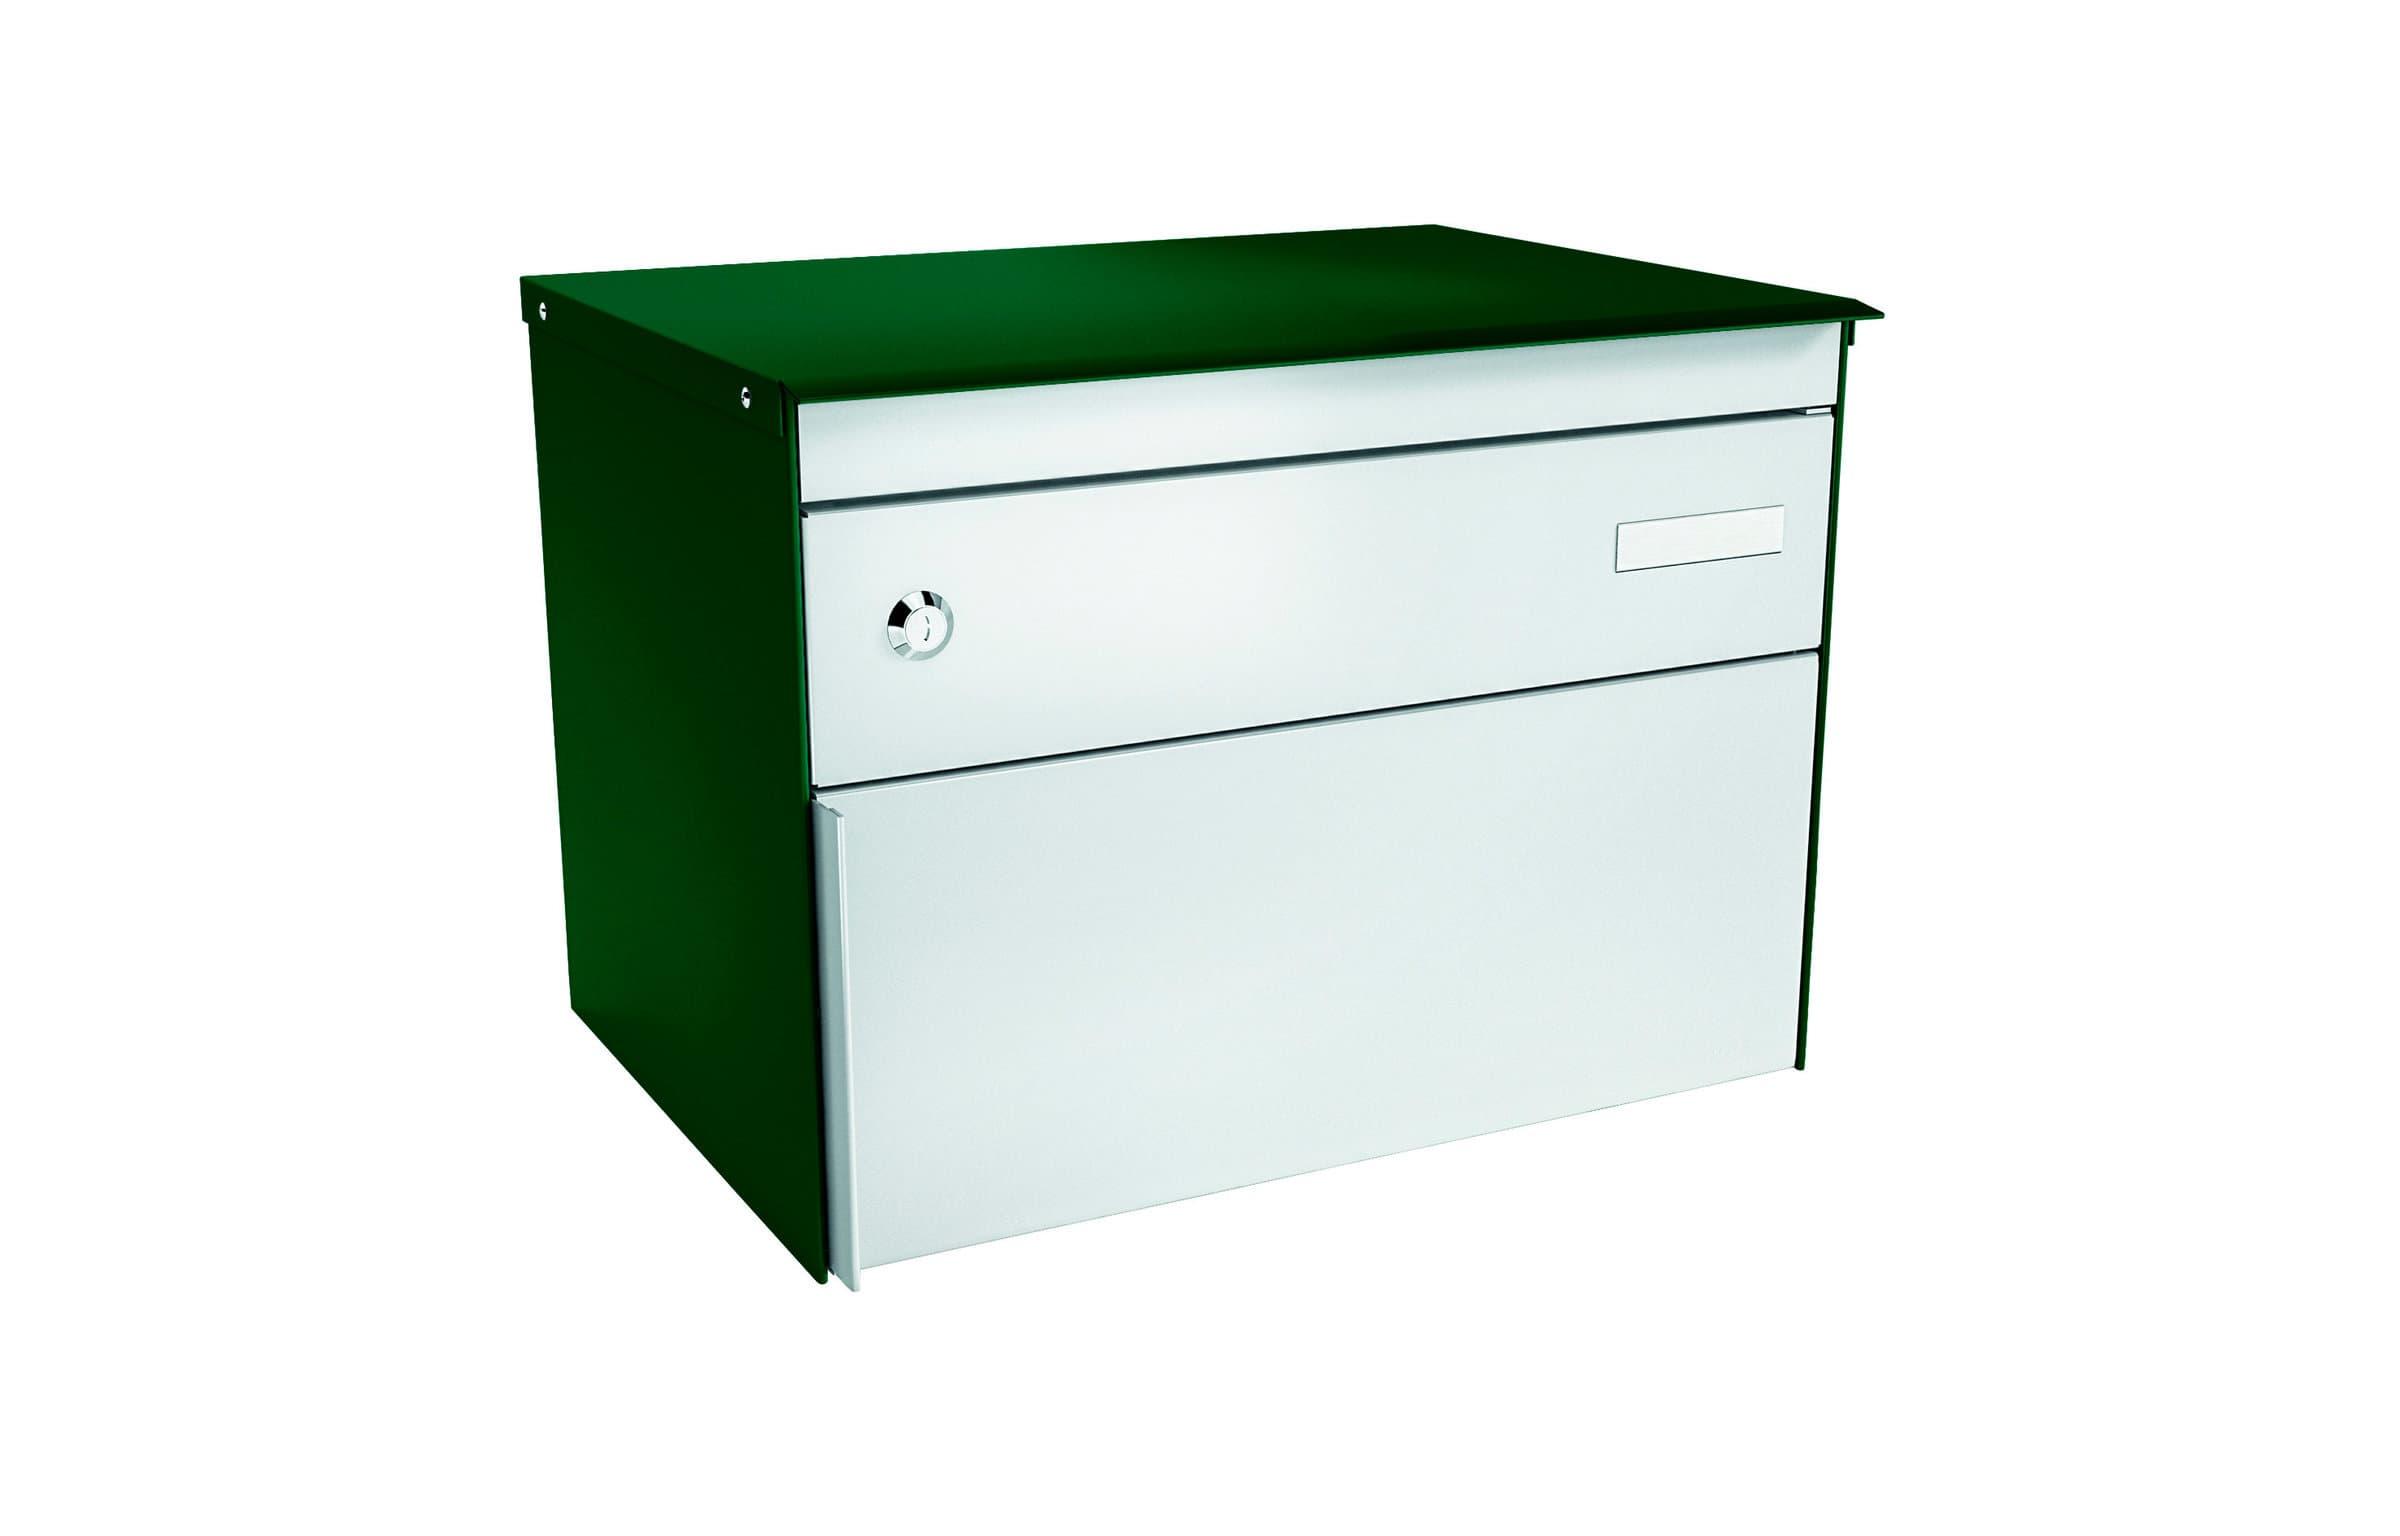 Stebler Cassetta dellapost s:box 13 verde muschio/allu